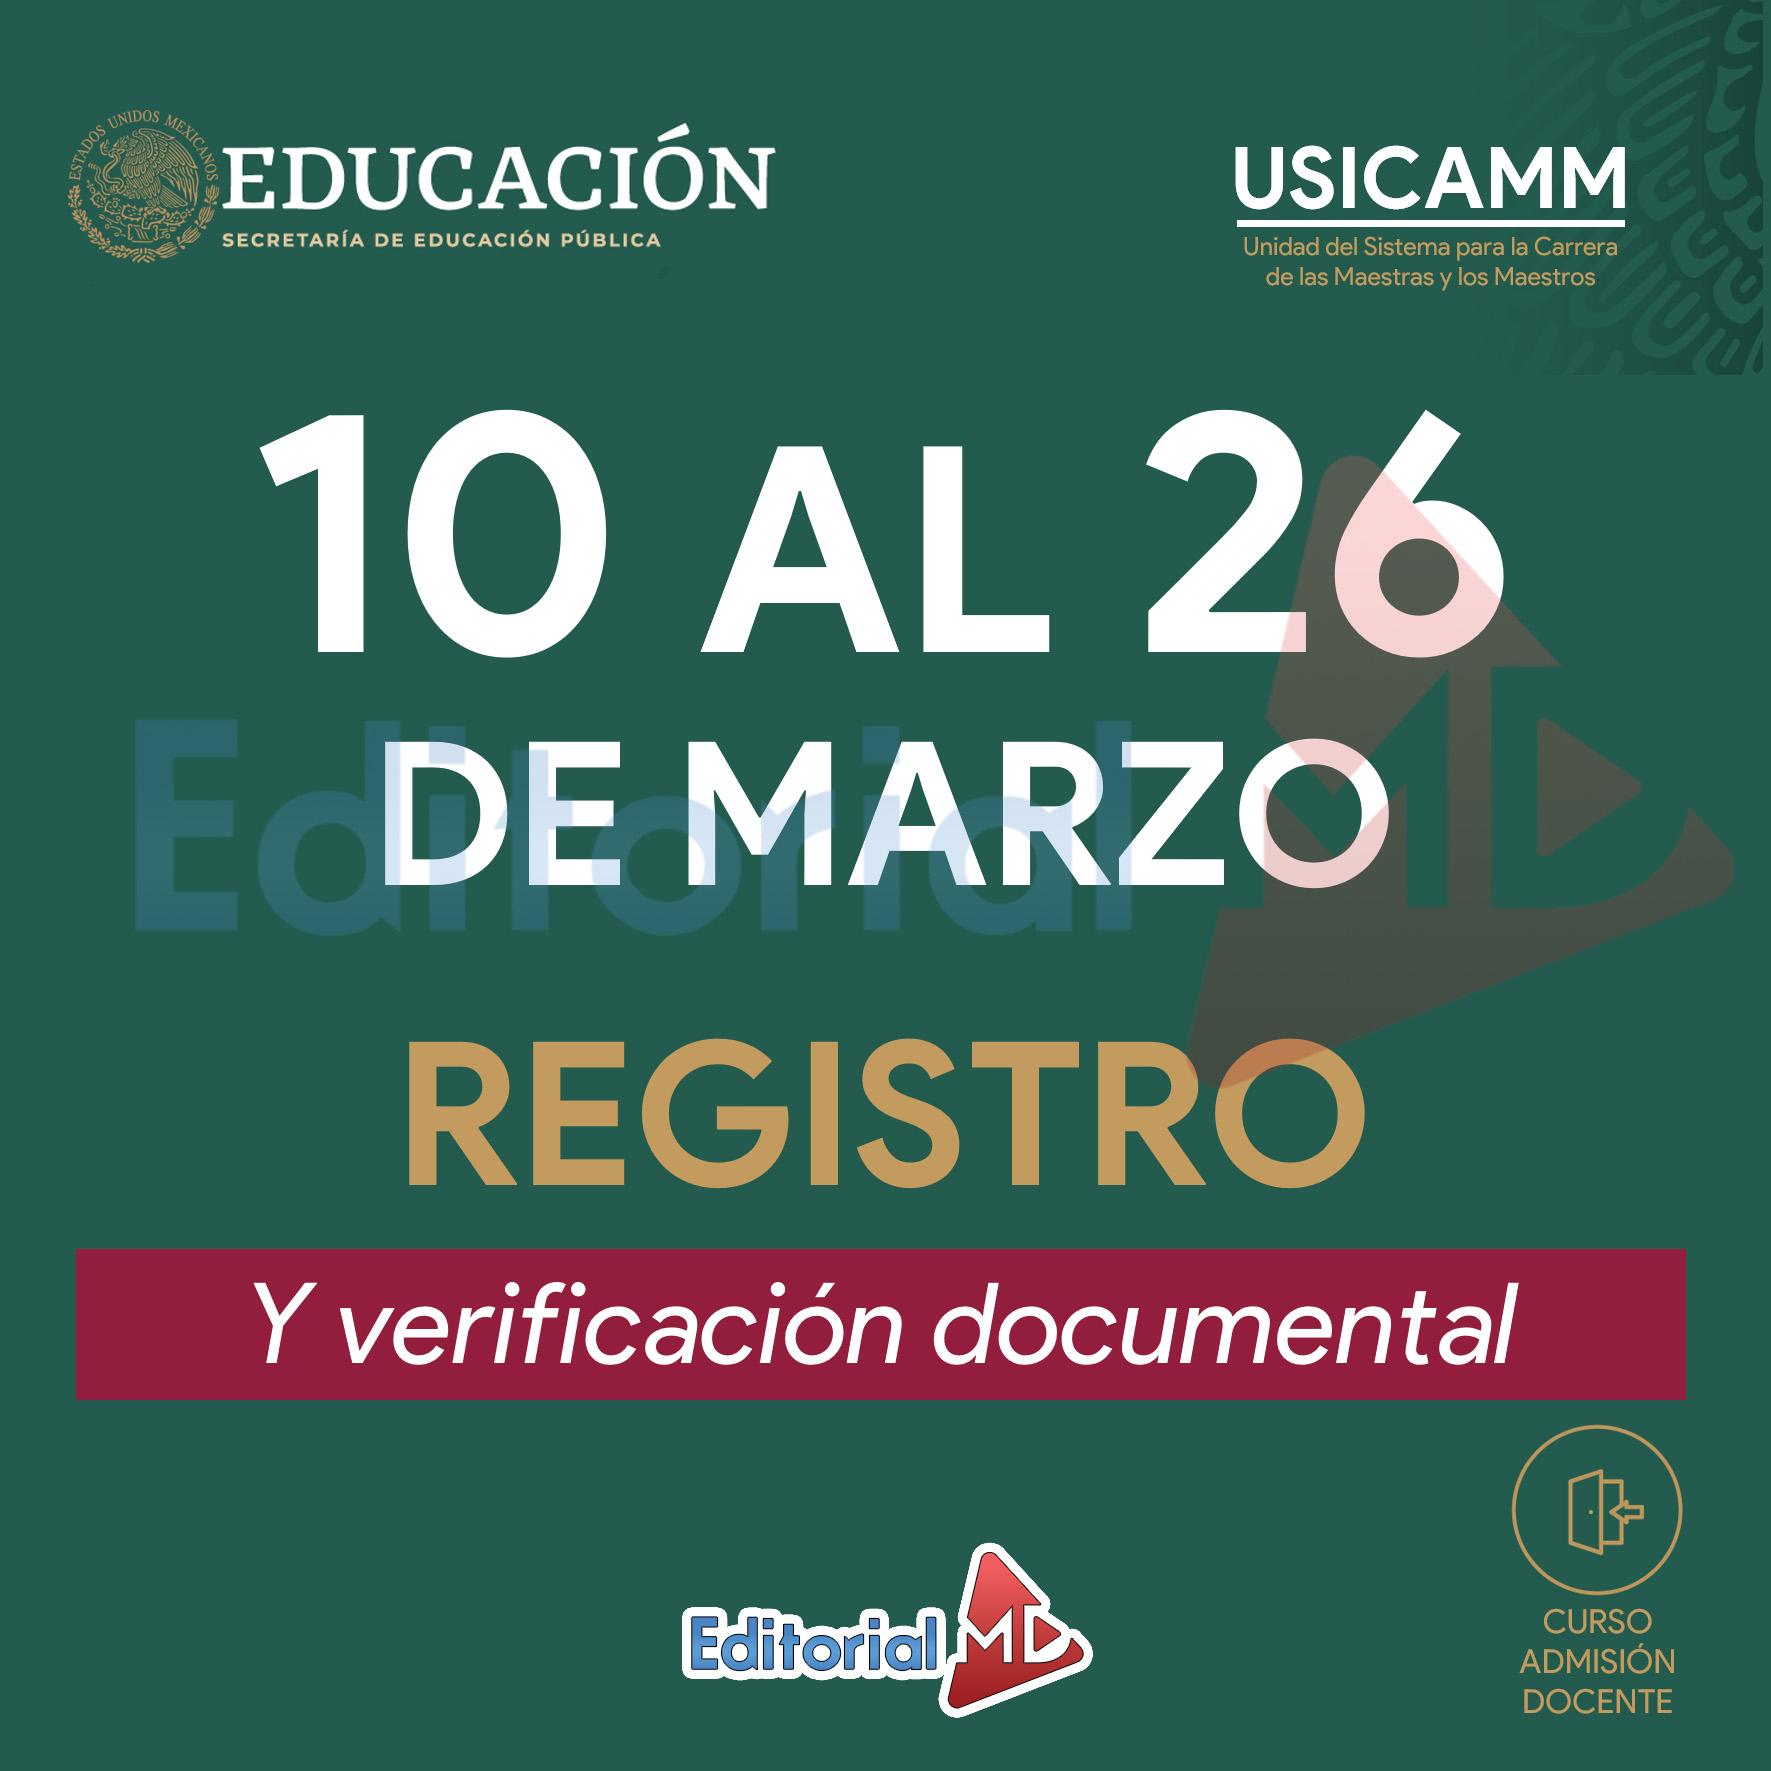 10 al 26 de Marzo (Registro)